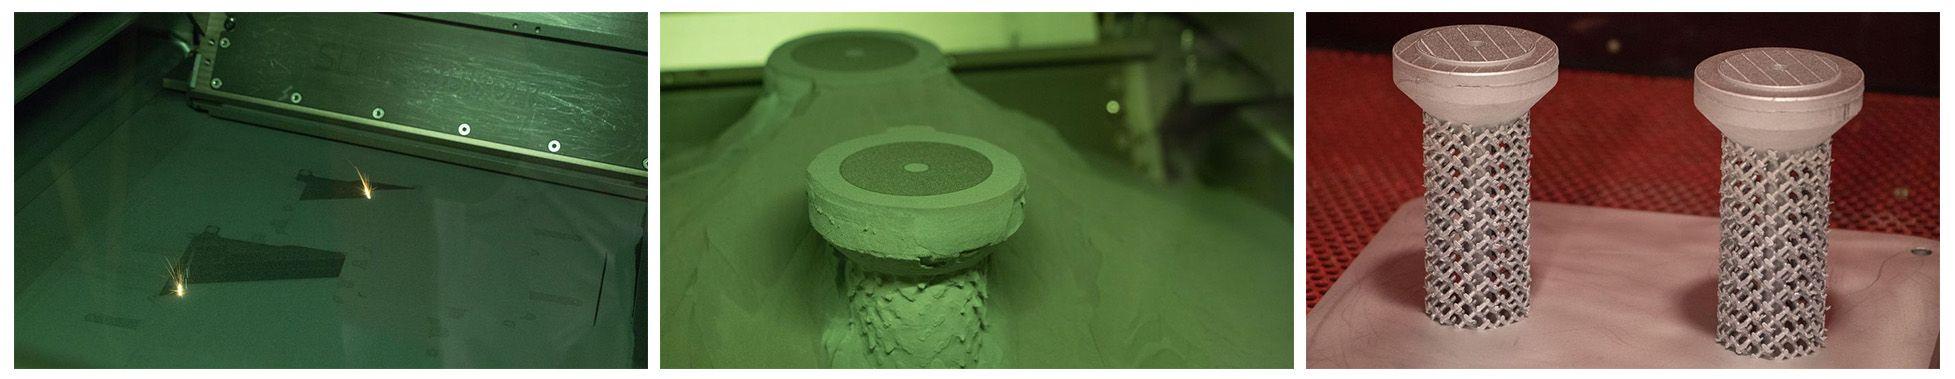 La stampa 3D per l'aviazione